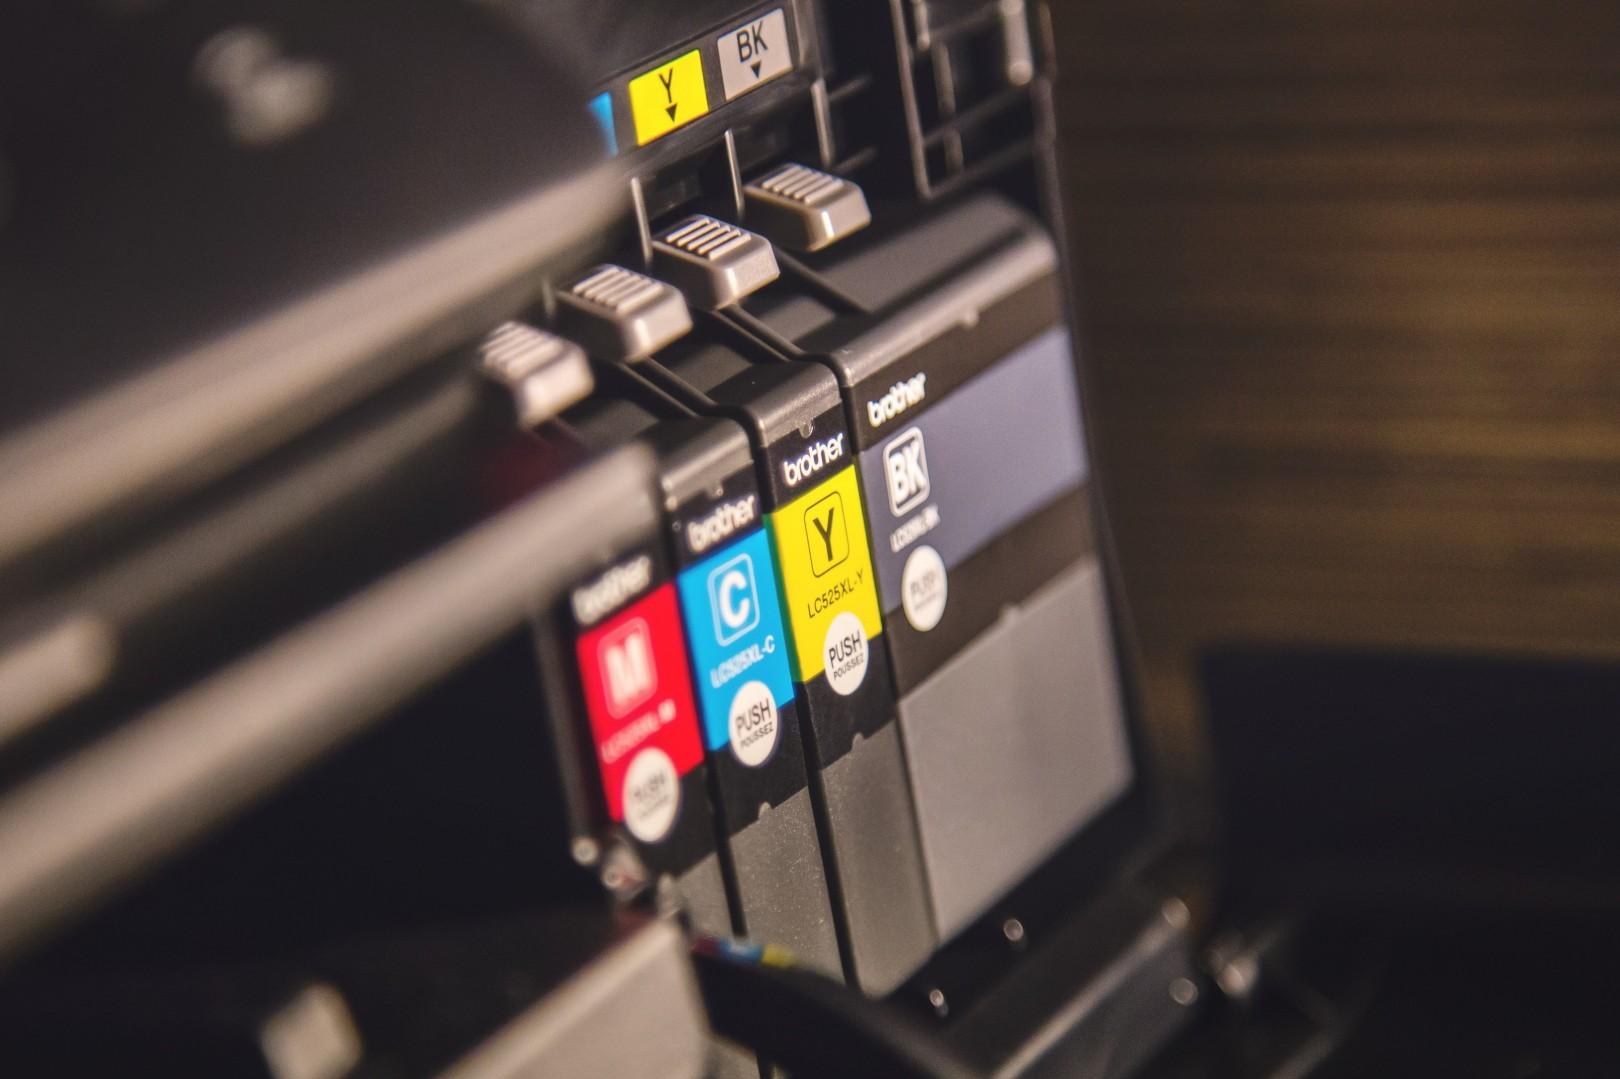 impressao-em-equipamento-de-grande-porte